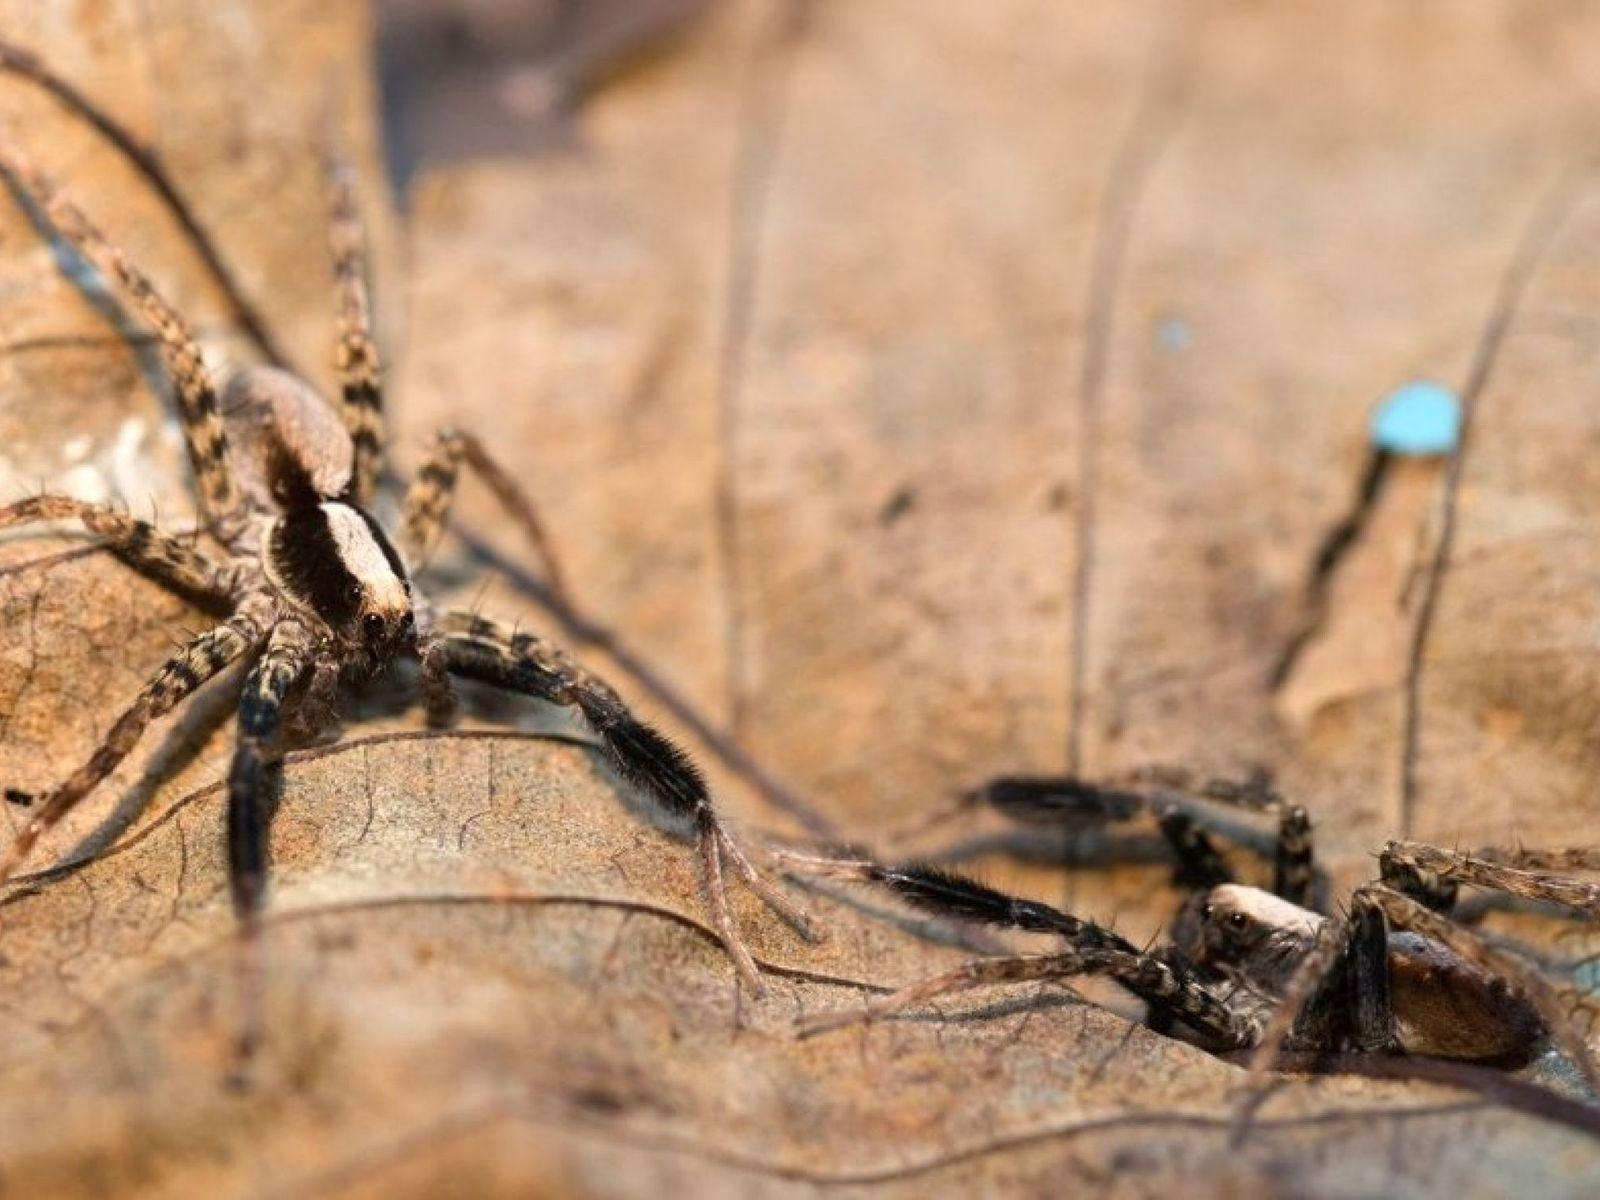 Και όμως!Οι αράχνες έχουν αγαπημένο χρώμα